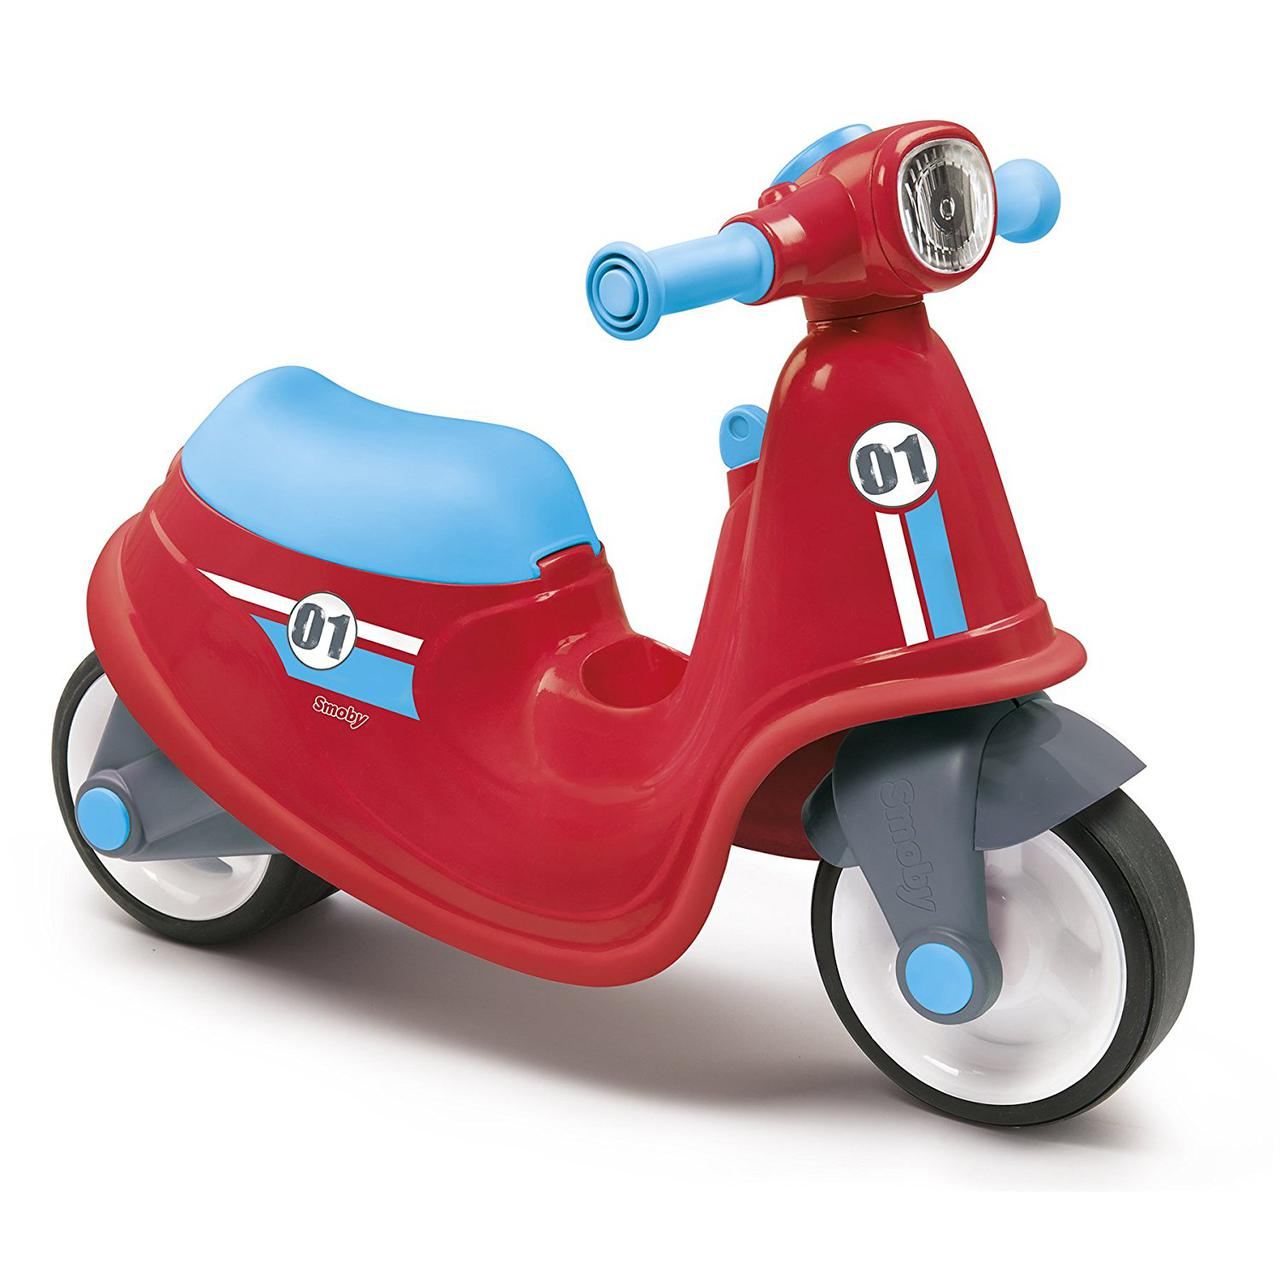 Детский беговел скутер каталка Smoby 721003